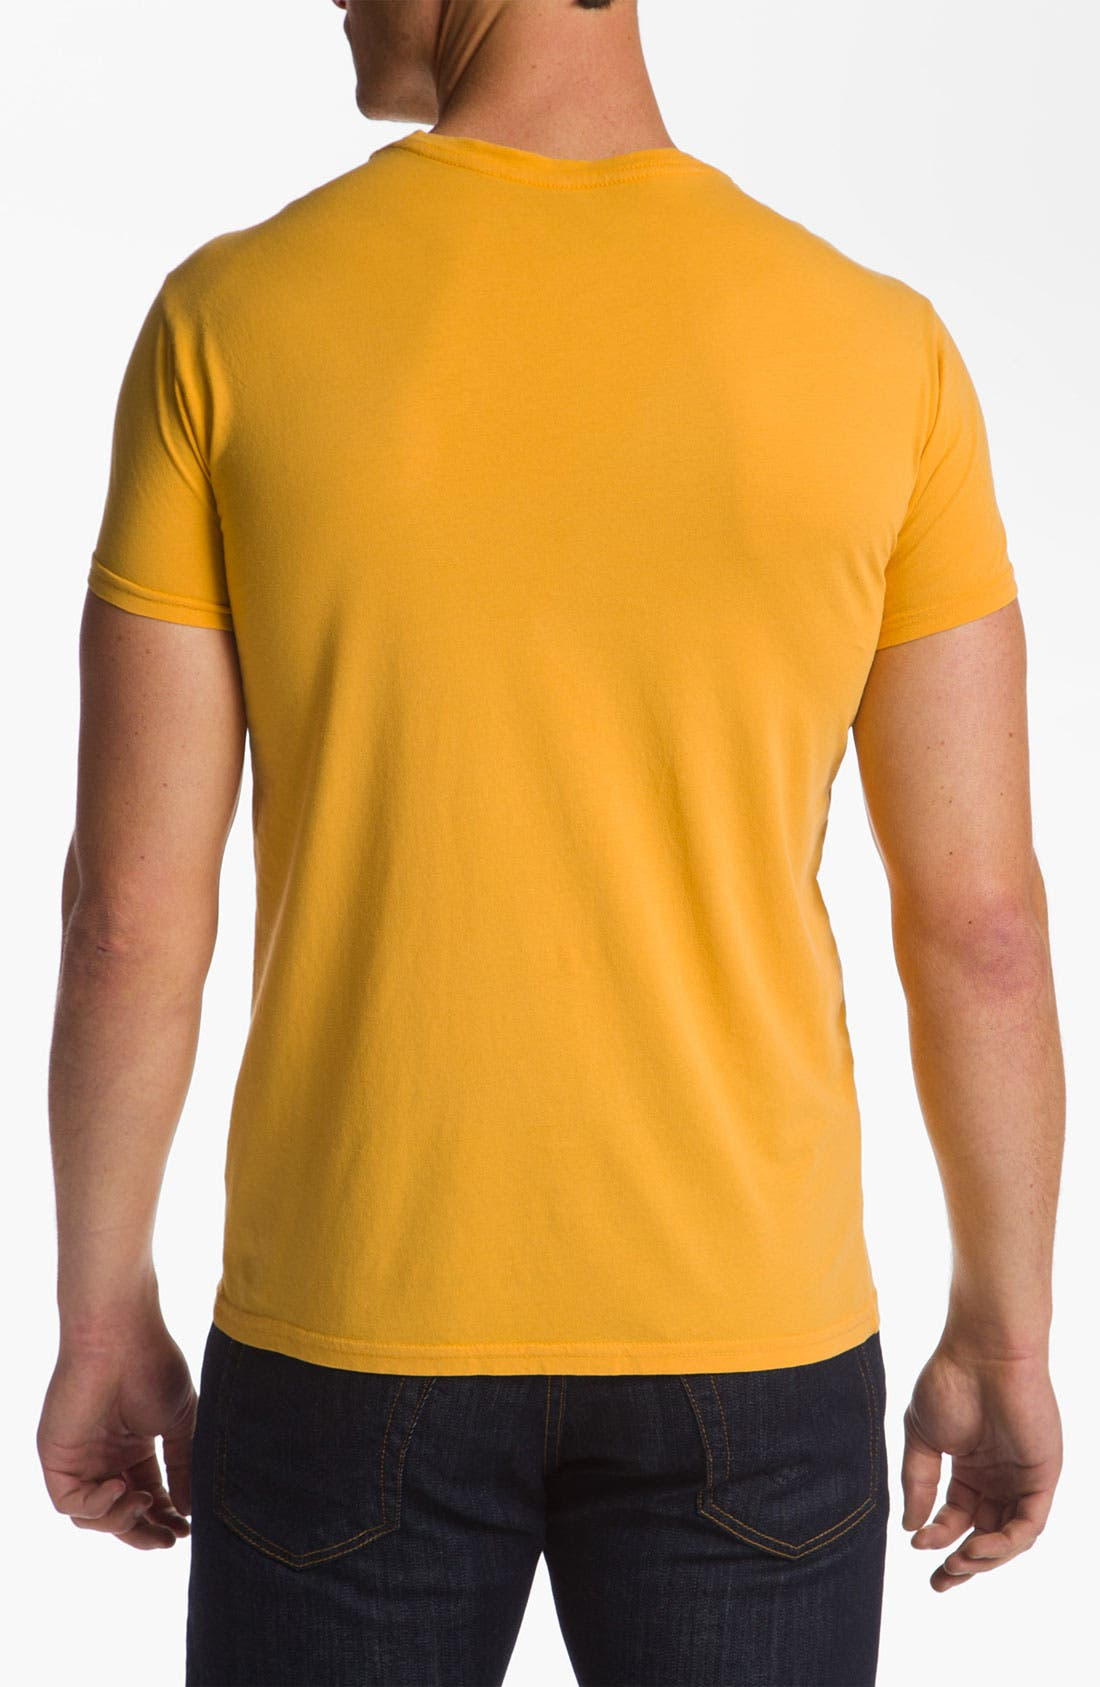 Alternate Image 2  - The Original Retro Brand 'San Francisco Dons' T-Shirt